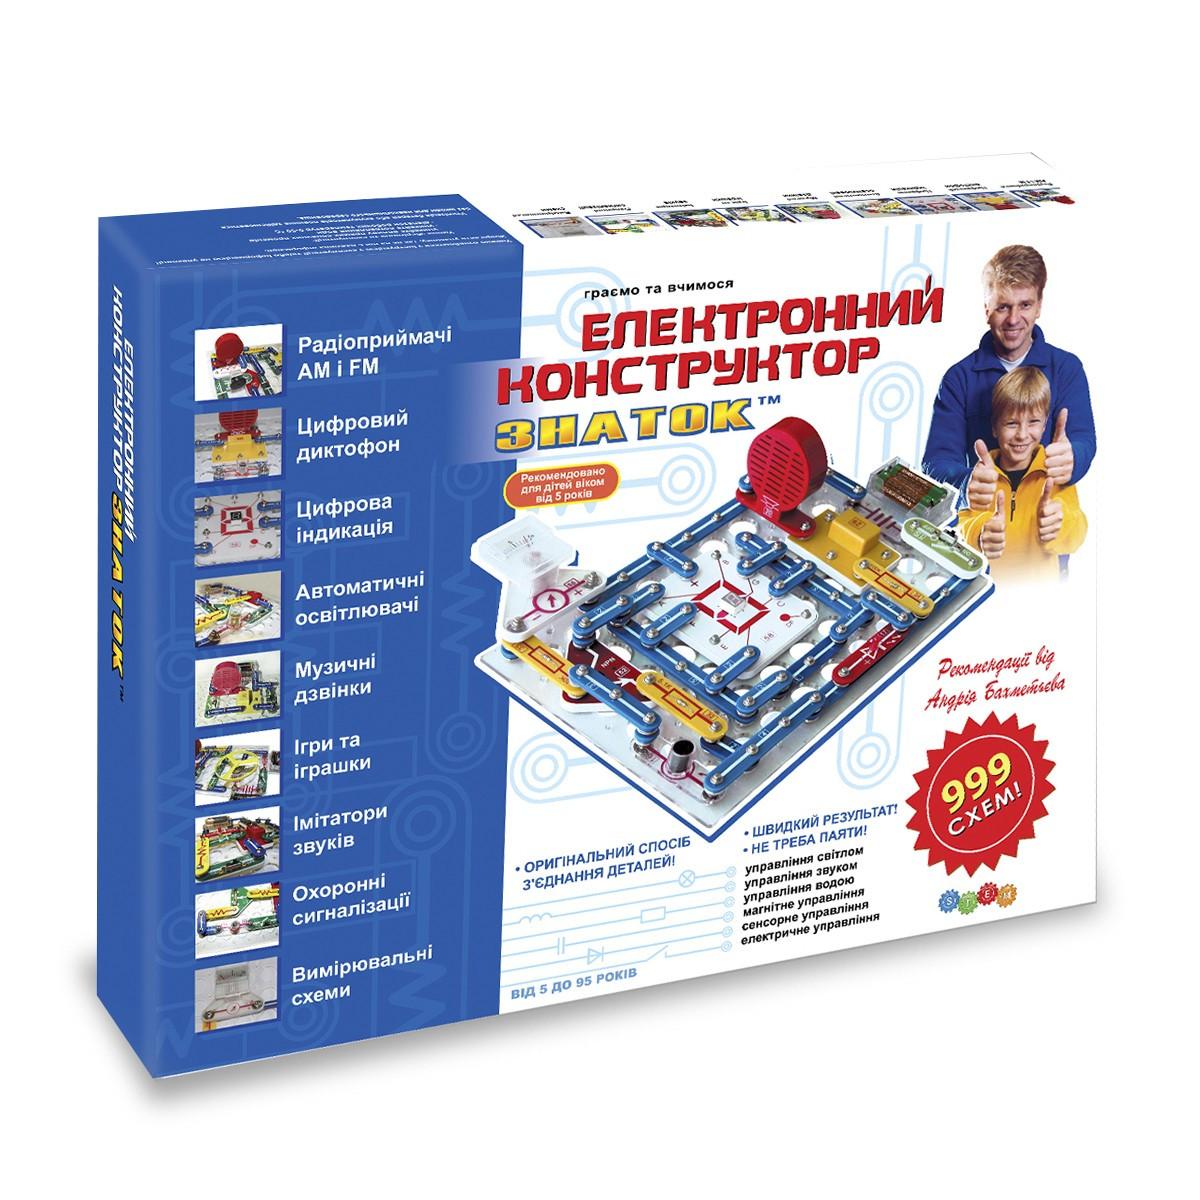 *Конструктор - Знаток (999 схем) Kiddisvit арт. REW-K001